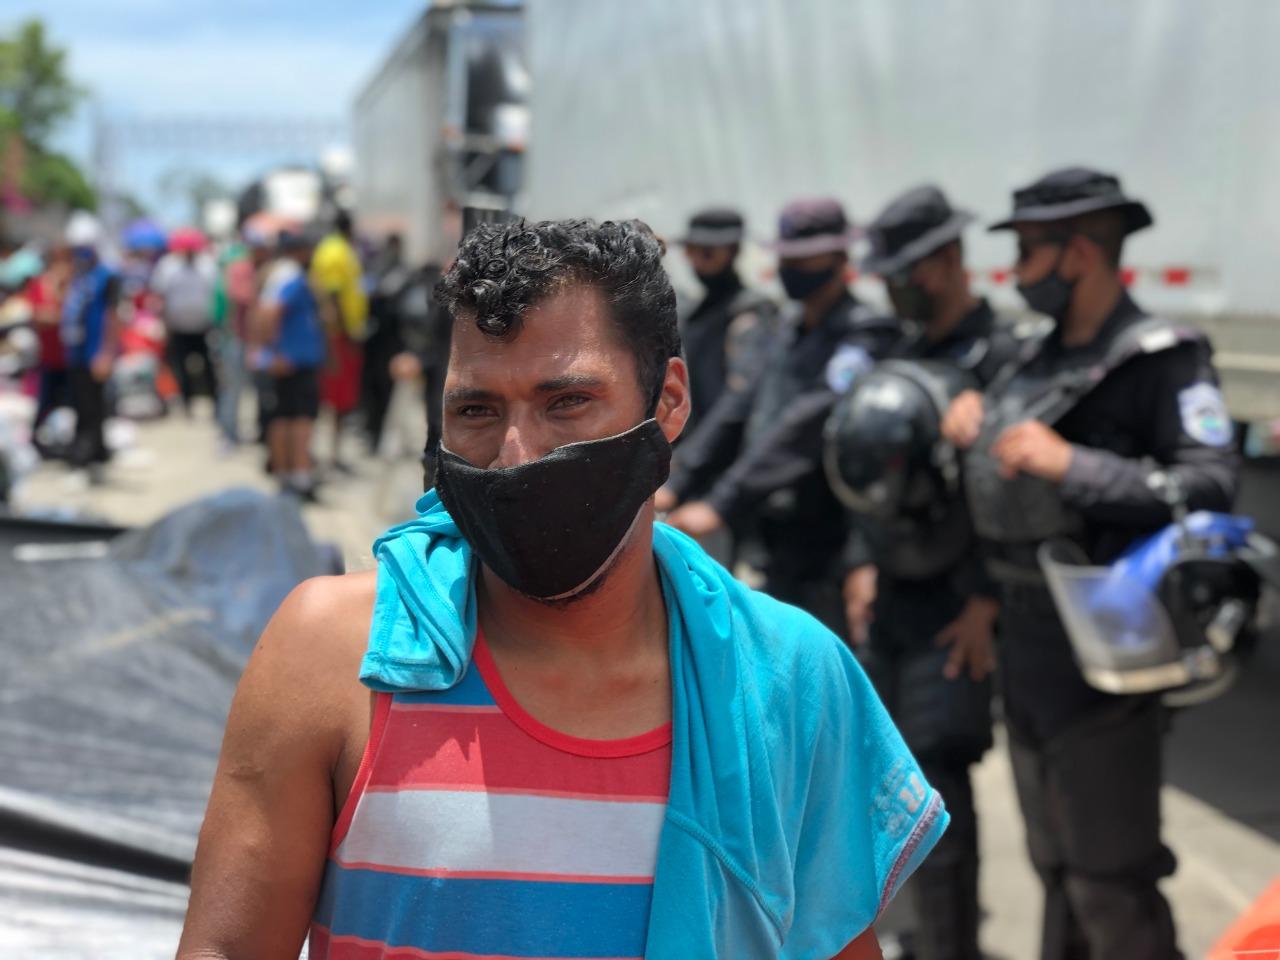 Nicas permanecen varados y bajo asedio policial. Foto: Cortesía